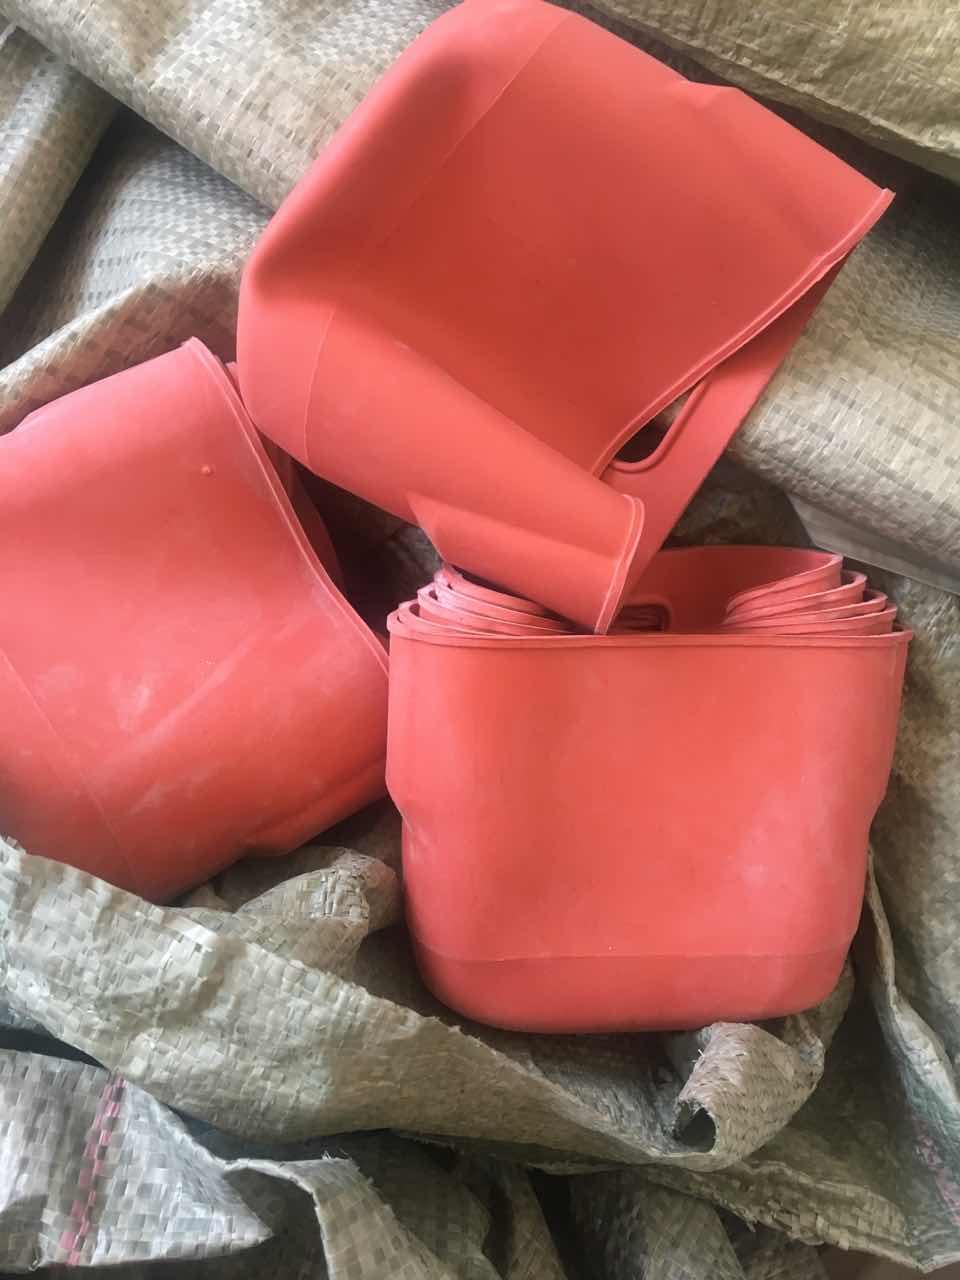 压缩氧自救器-为您提供耐用的自救器保护套资讯